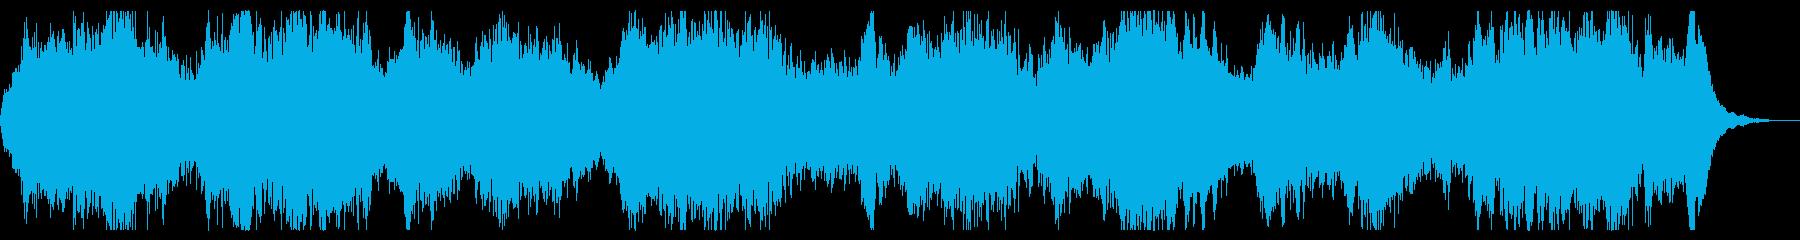 ダークアンビエント 恐怖感演出 不快な音の再生済みの波形